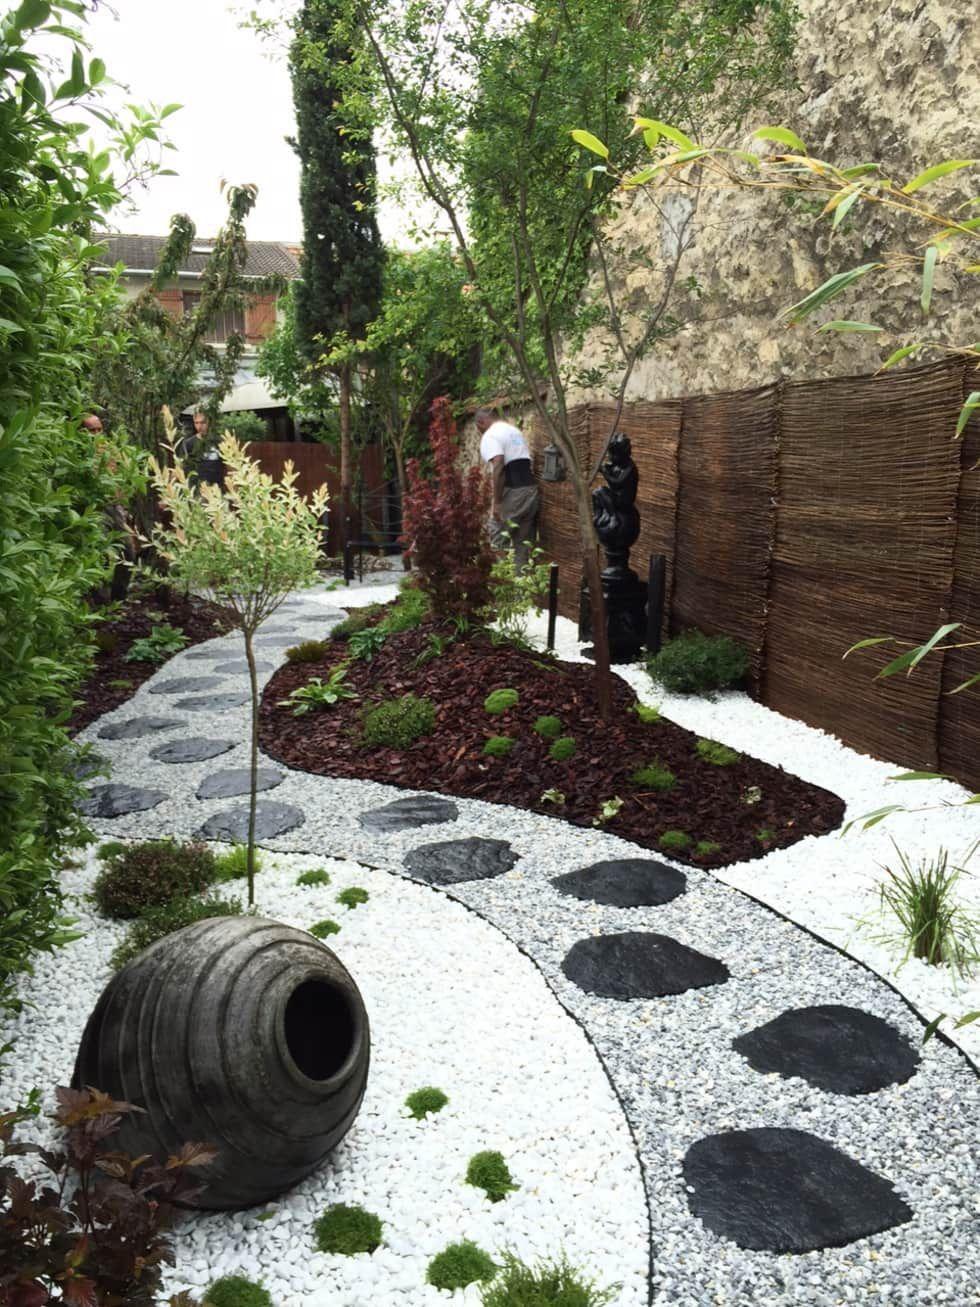 Creer Un Coin Zen Dans Son Jardin dcpaysage #jardins #porjardins por dcpaysage   japanese